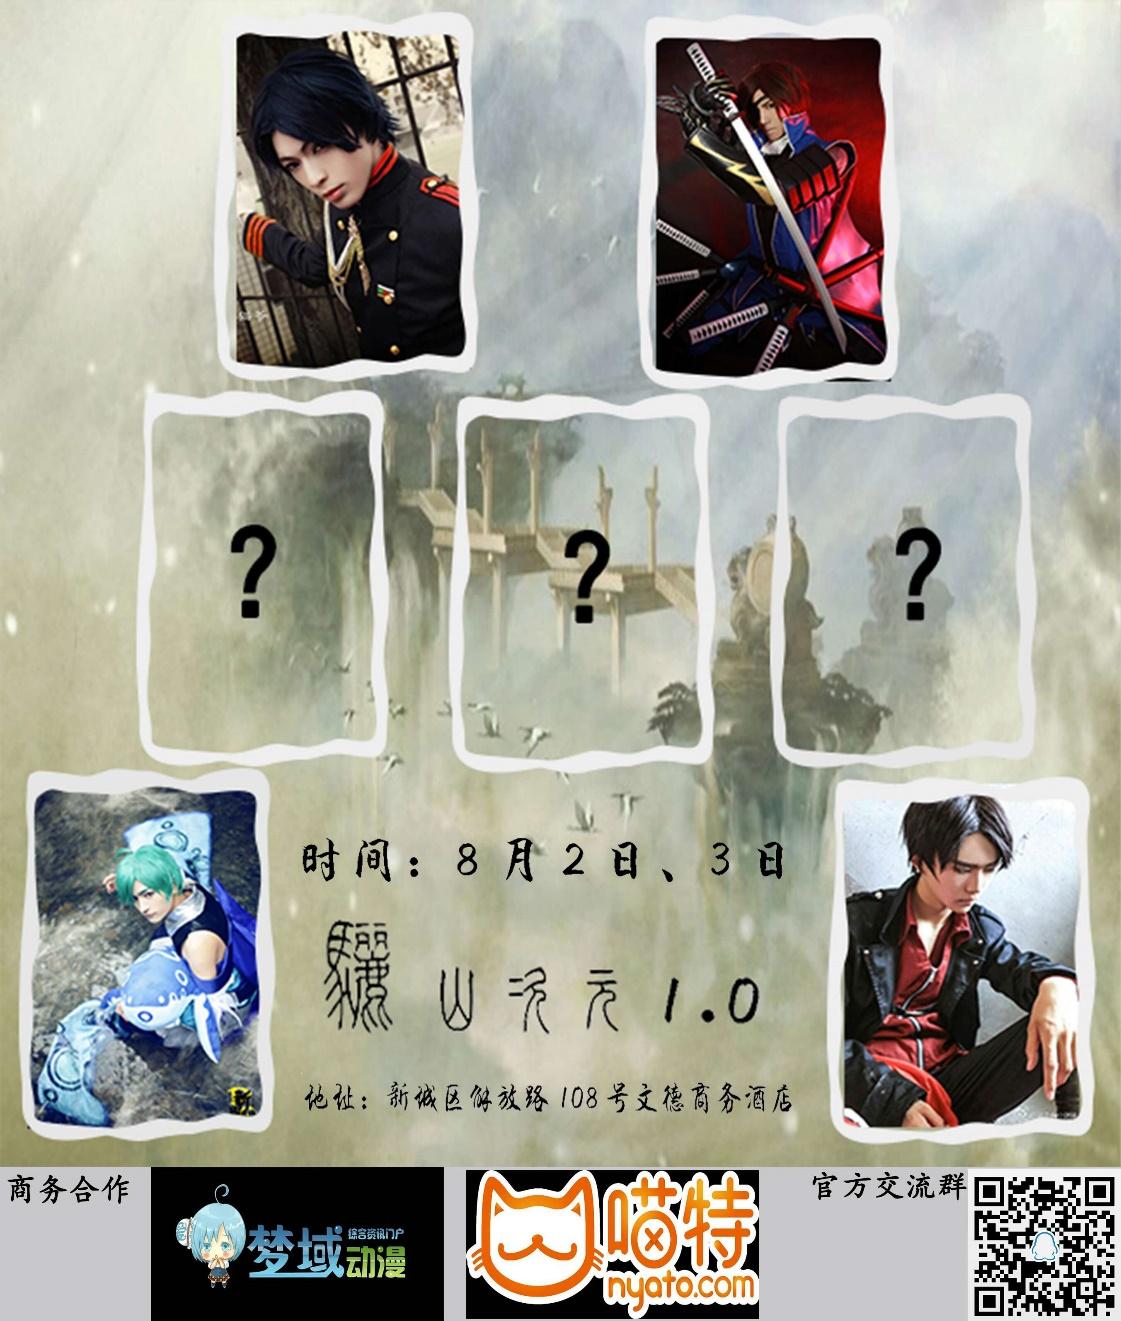 2017西安骊山次元1.0 漫展 第1张